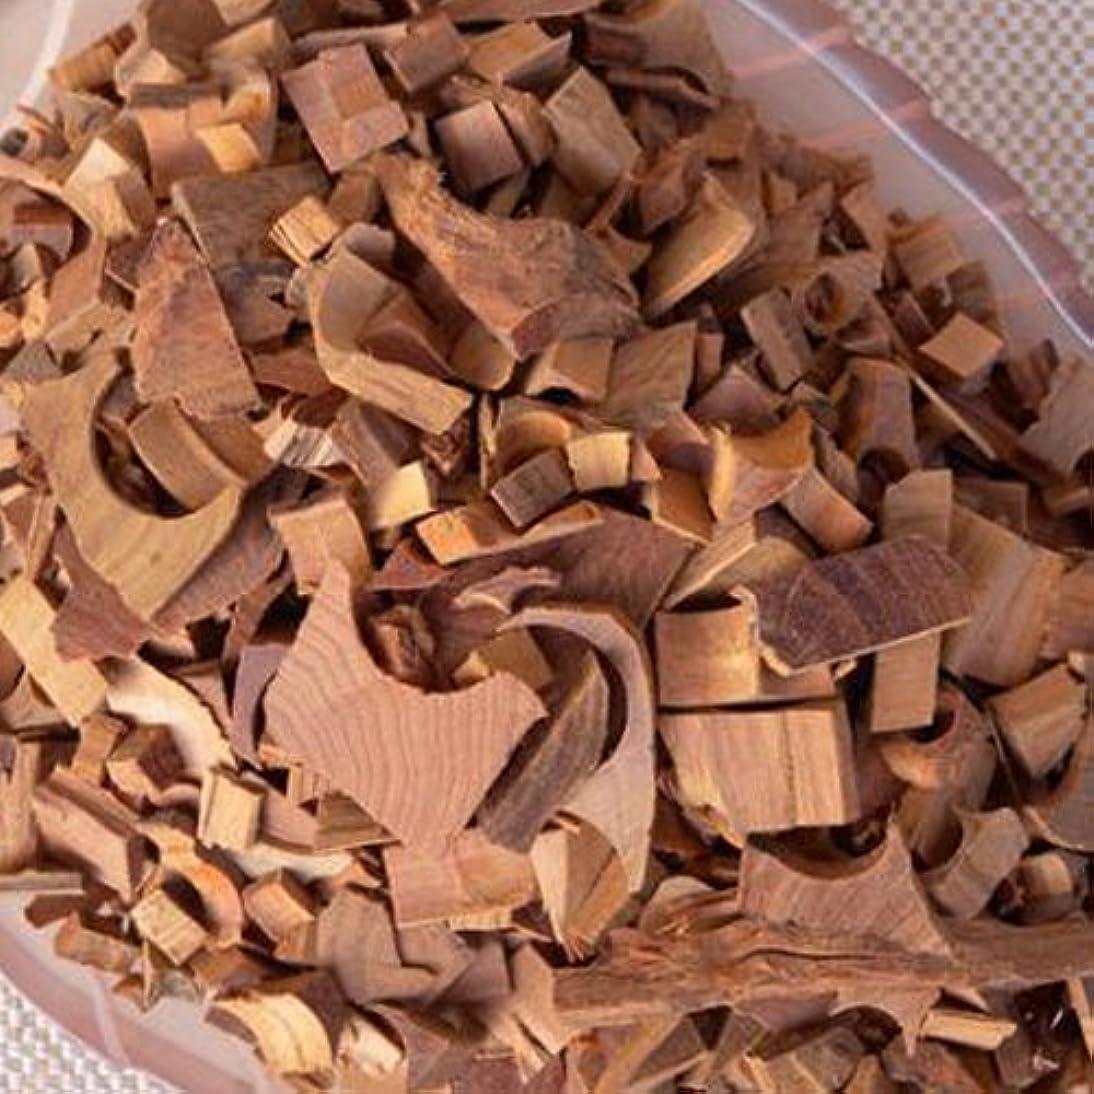 セラー締める食品Natural India Mysore Laoshan Sandalwood Chips aromatic Sandal Wood Chips Scent Rich For Aromatherapy Aroma Rich Resin Content